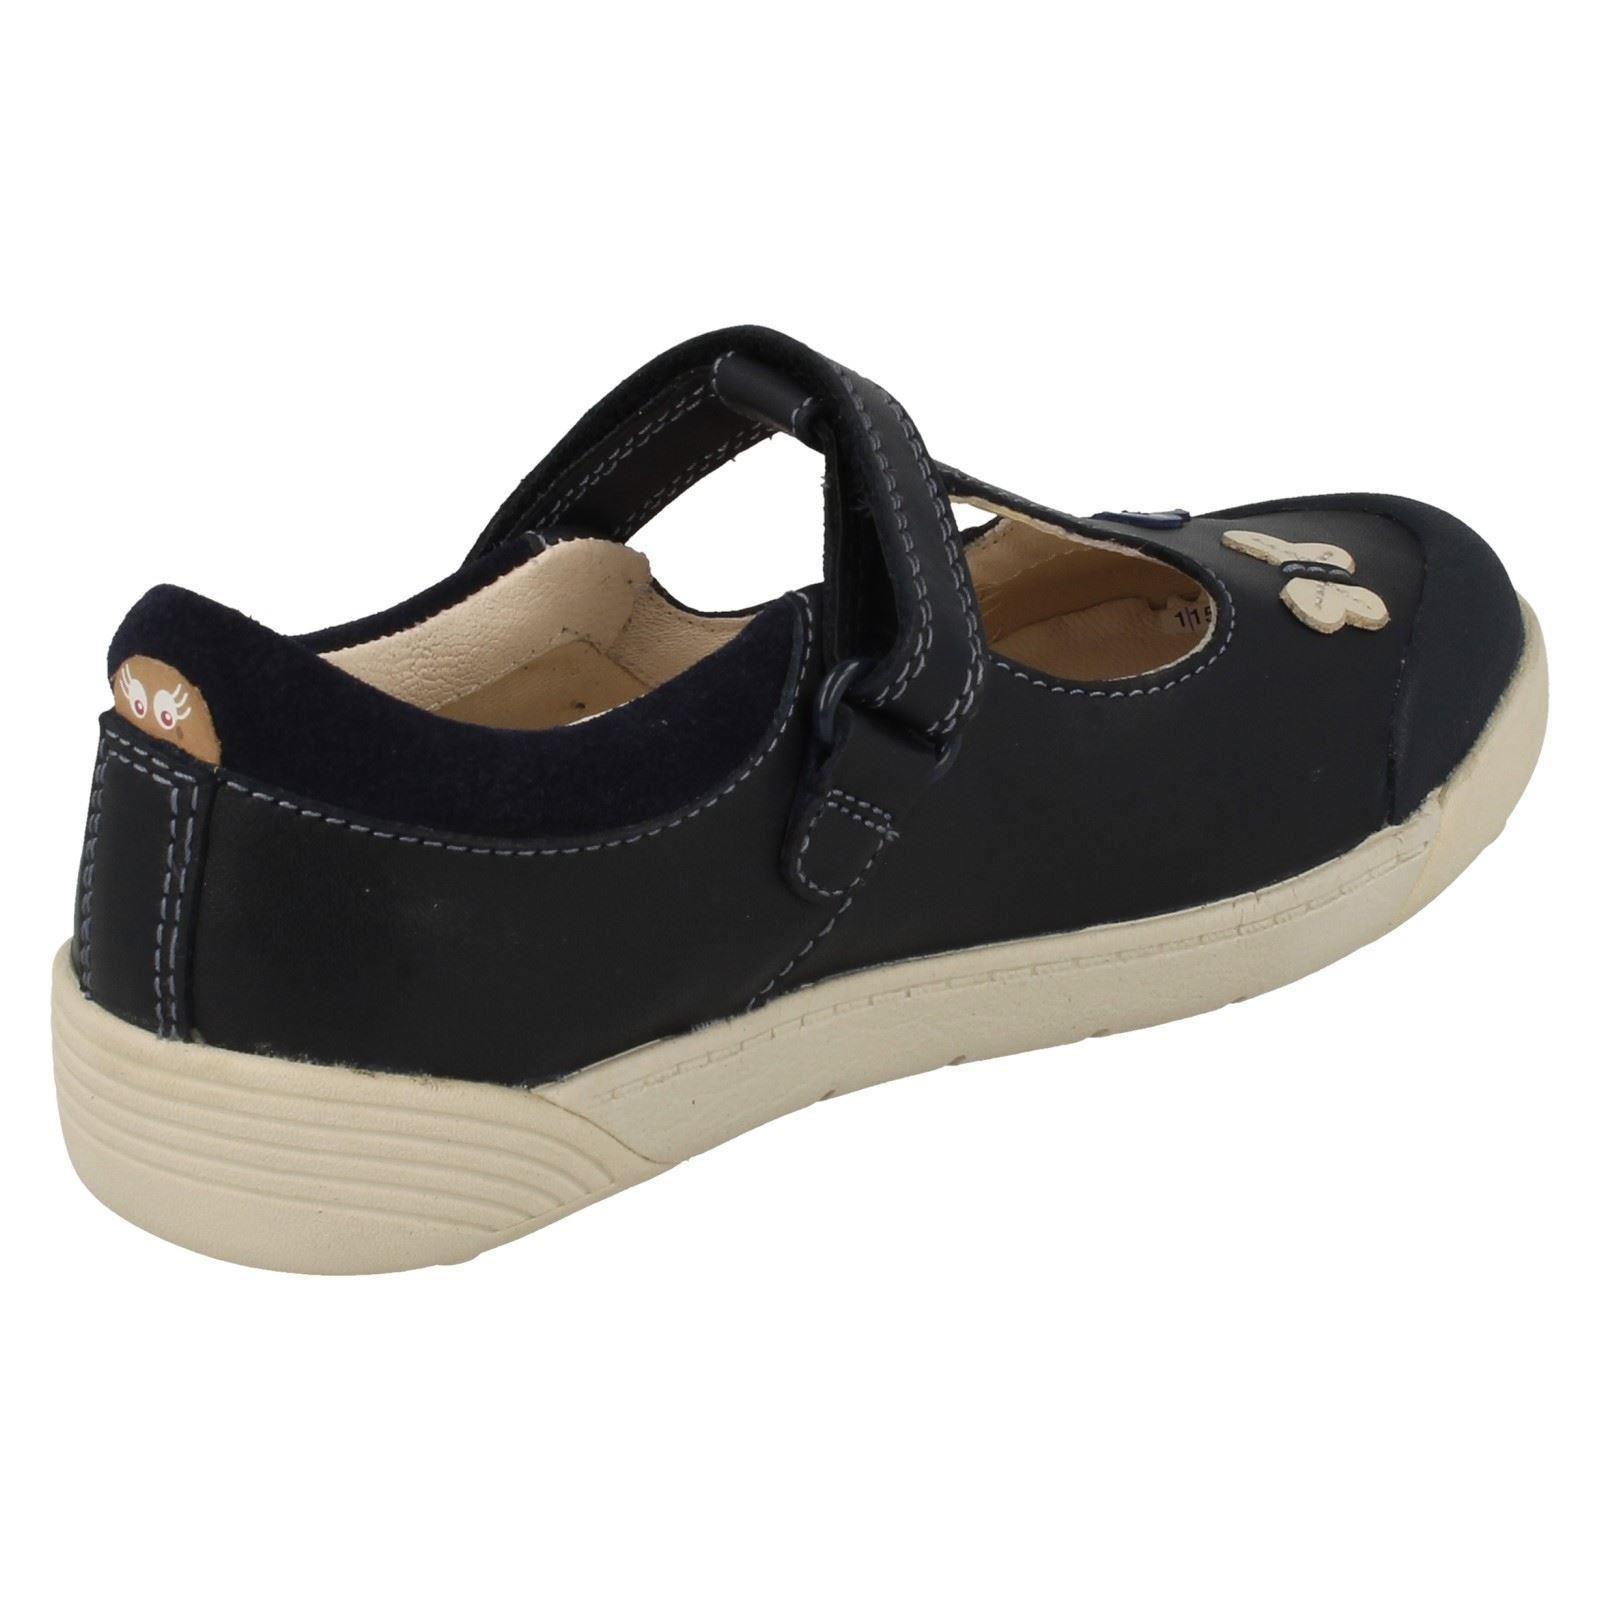 Flo niñas azul bar Lil marino T Zapatos Folk para Clarks azul 0xPtOqqwHU